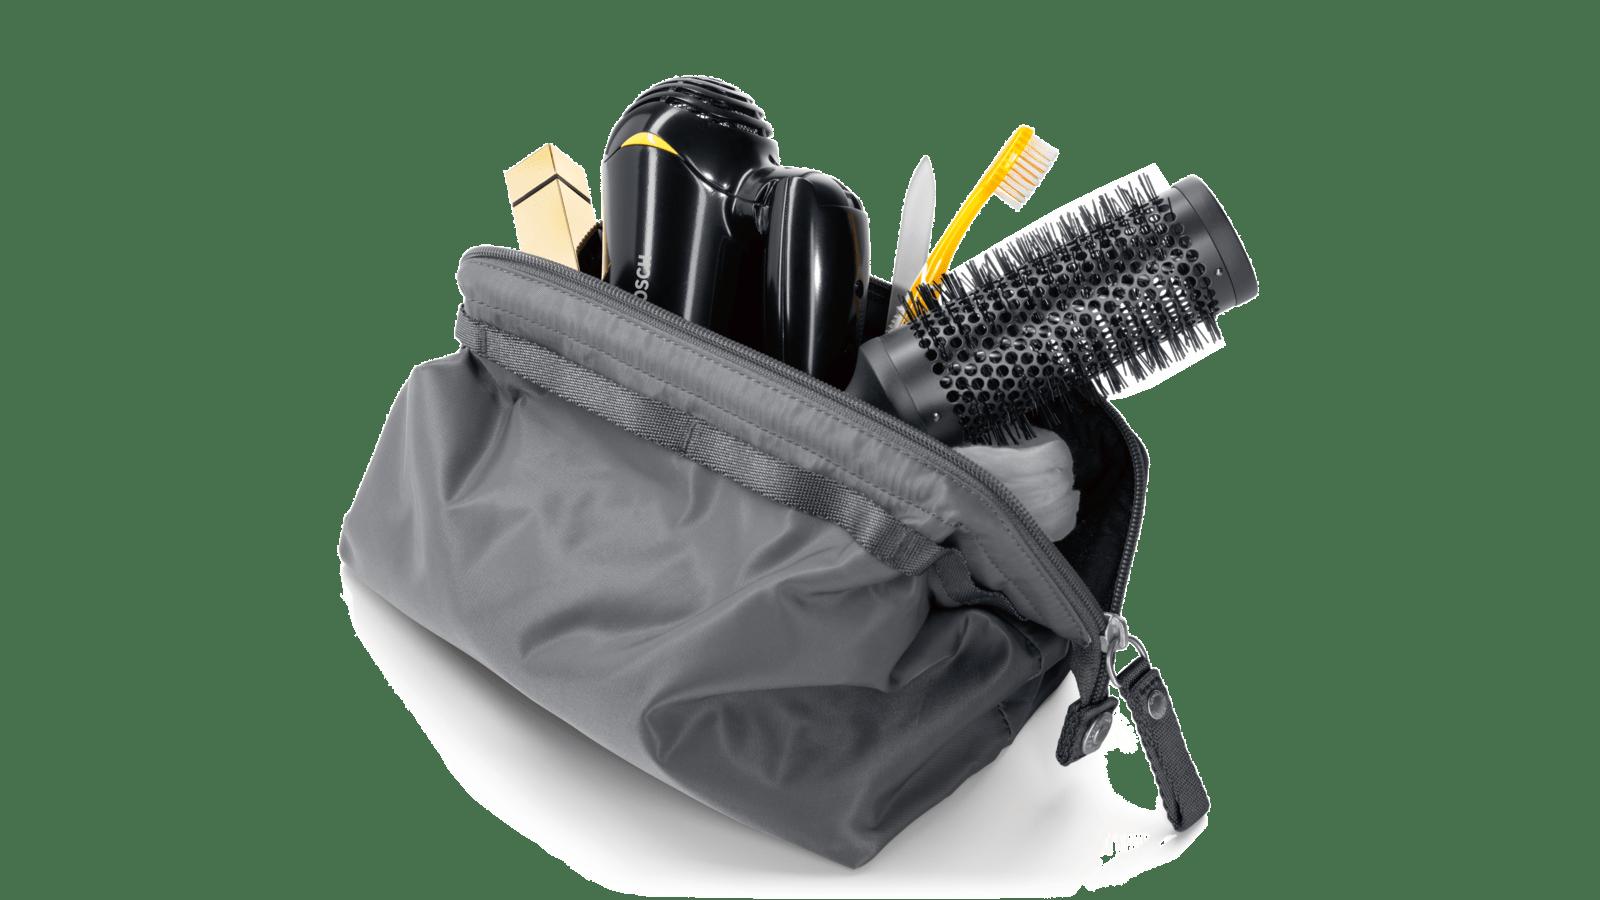 BOSCH PHD1151 Hair dryer